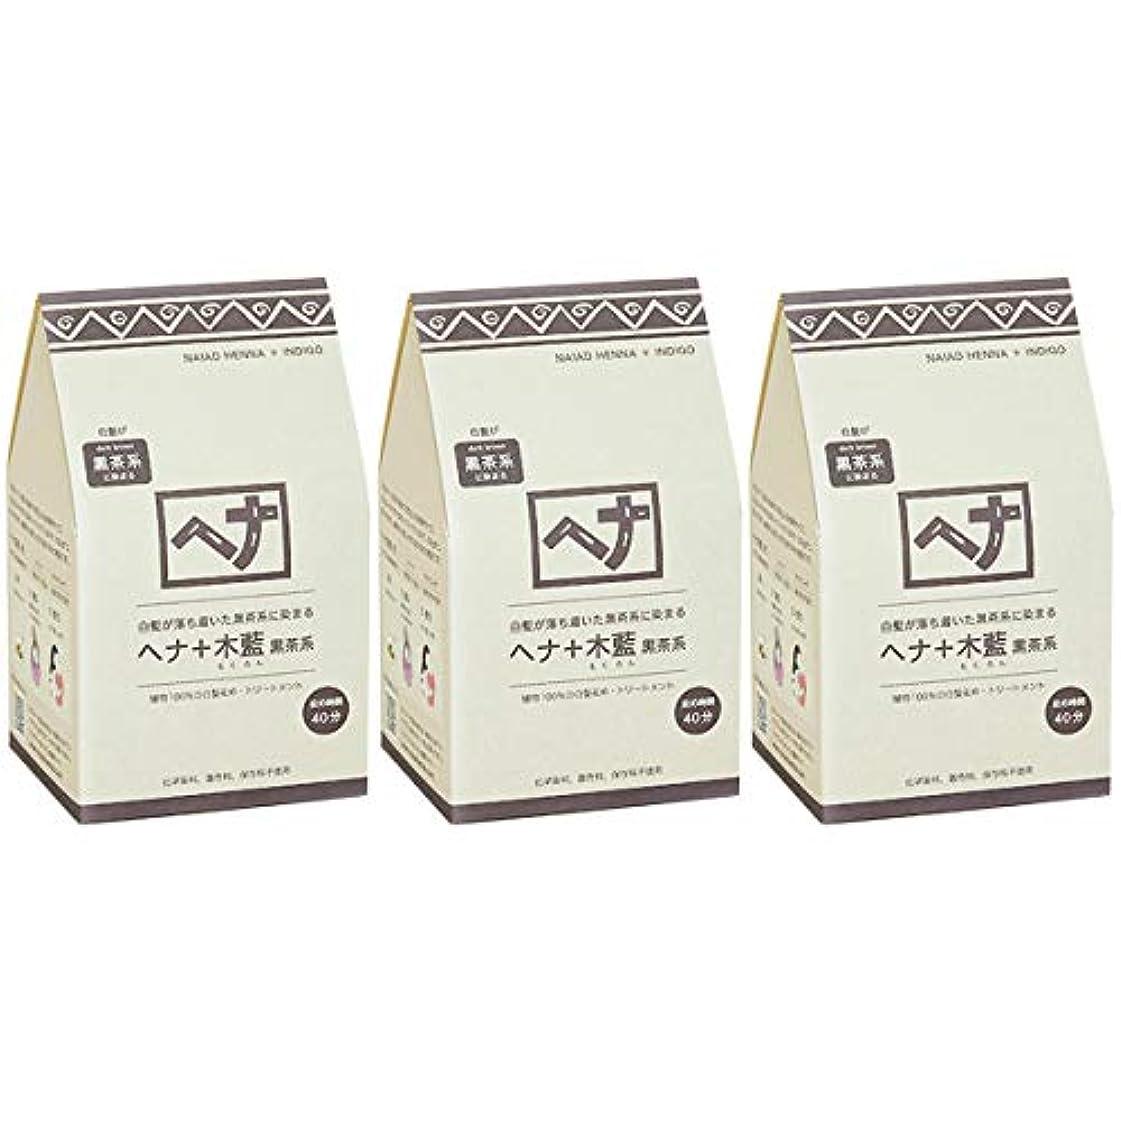 ドキュメンタリーロードハウスフィードバックナイアード ヘナ + 木藍 黒茶系 白髪が落ち着いた黒茶系に染まる 400g 3個セット